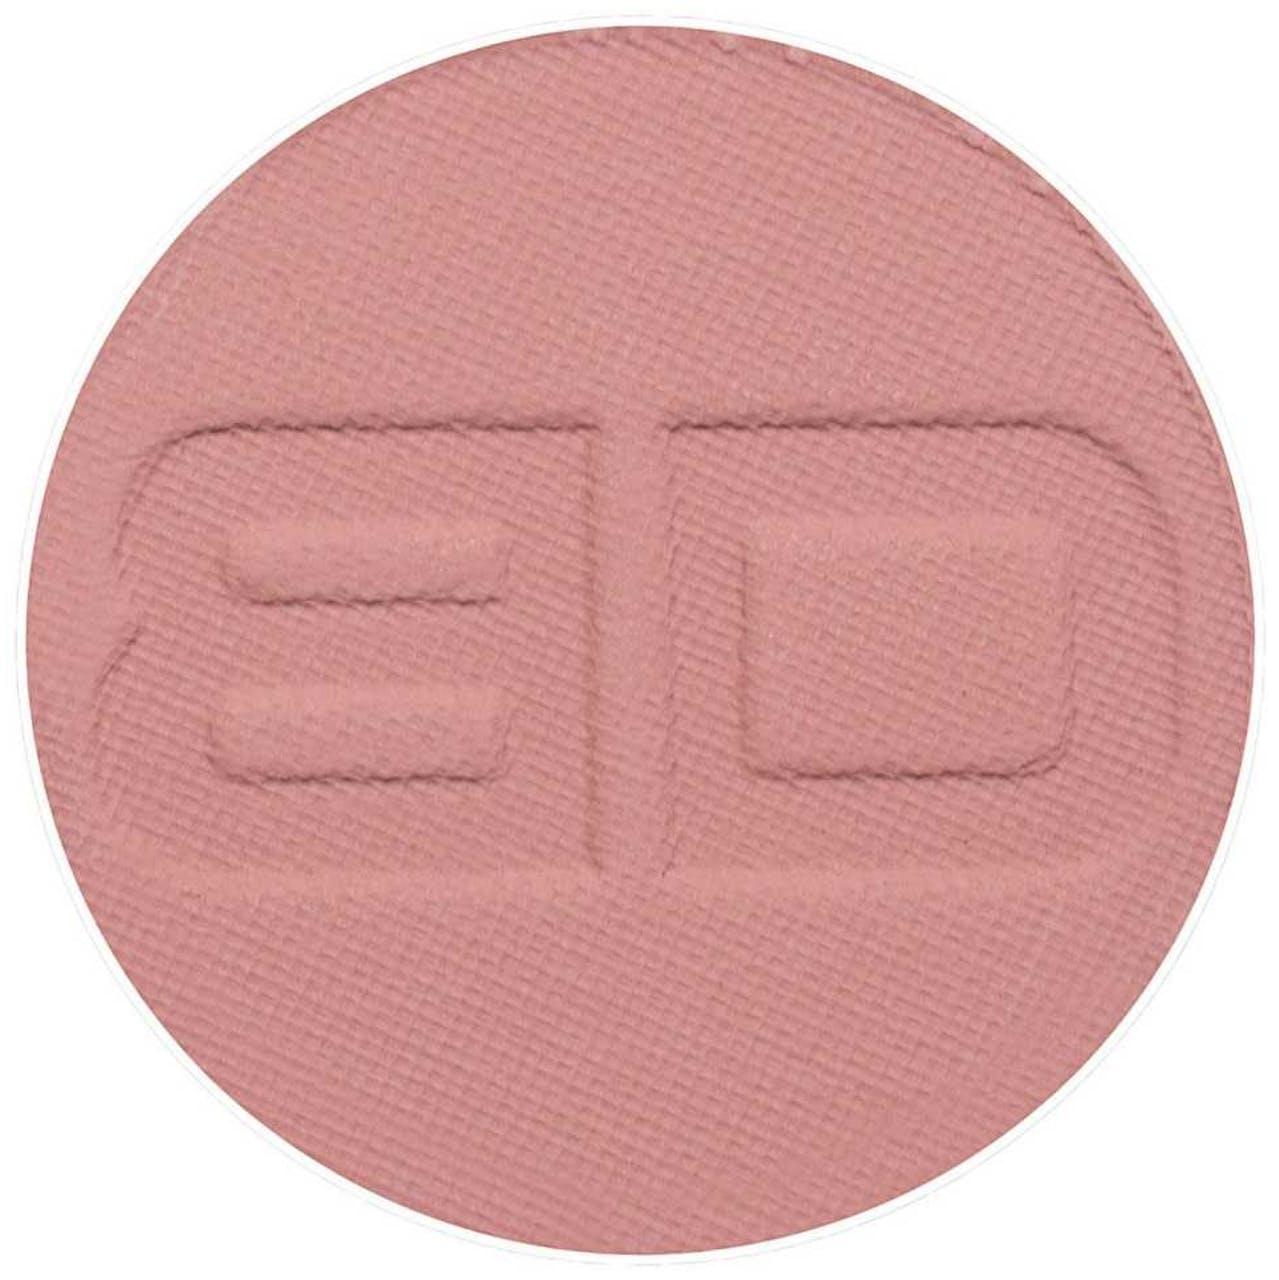 BD Puderpigment Schüchtern Refill - 2.5g - 5.40€/1g